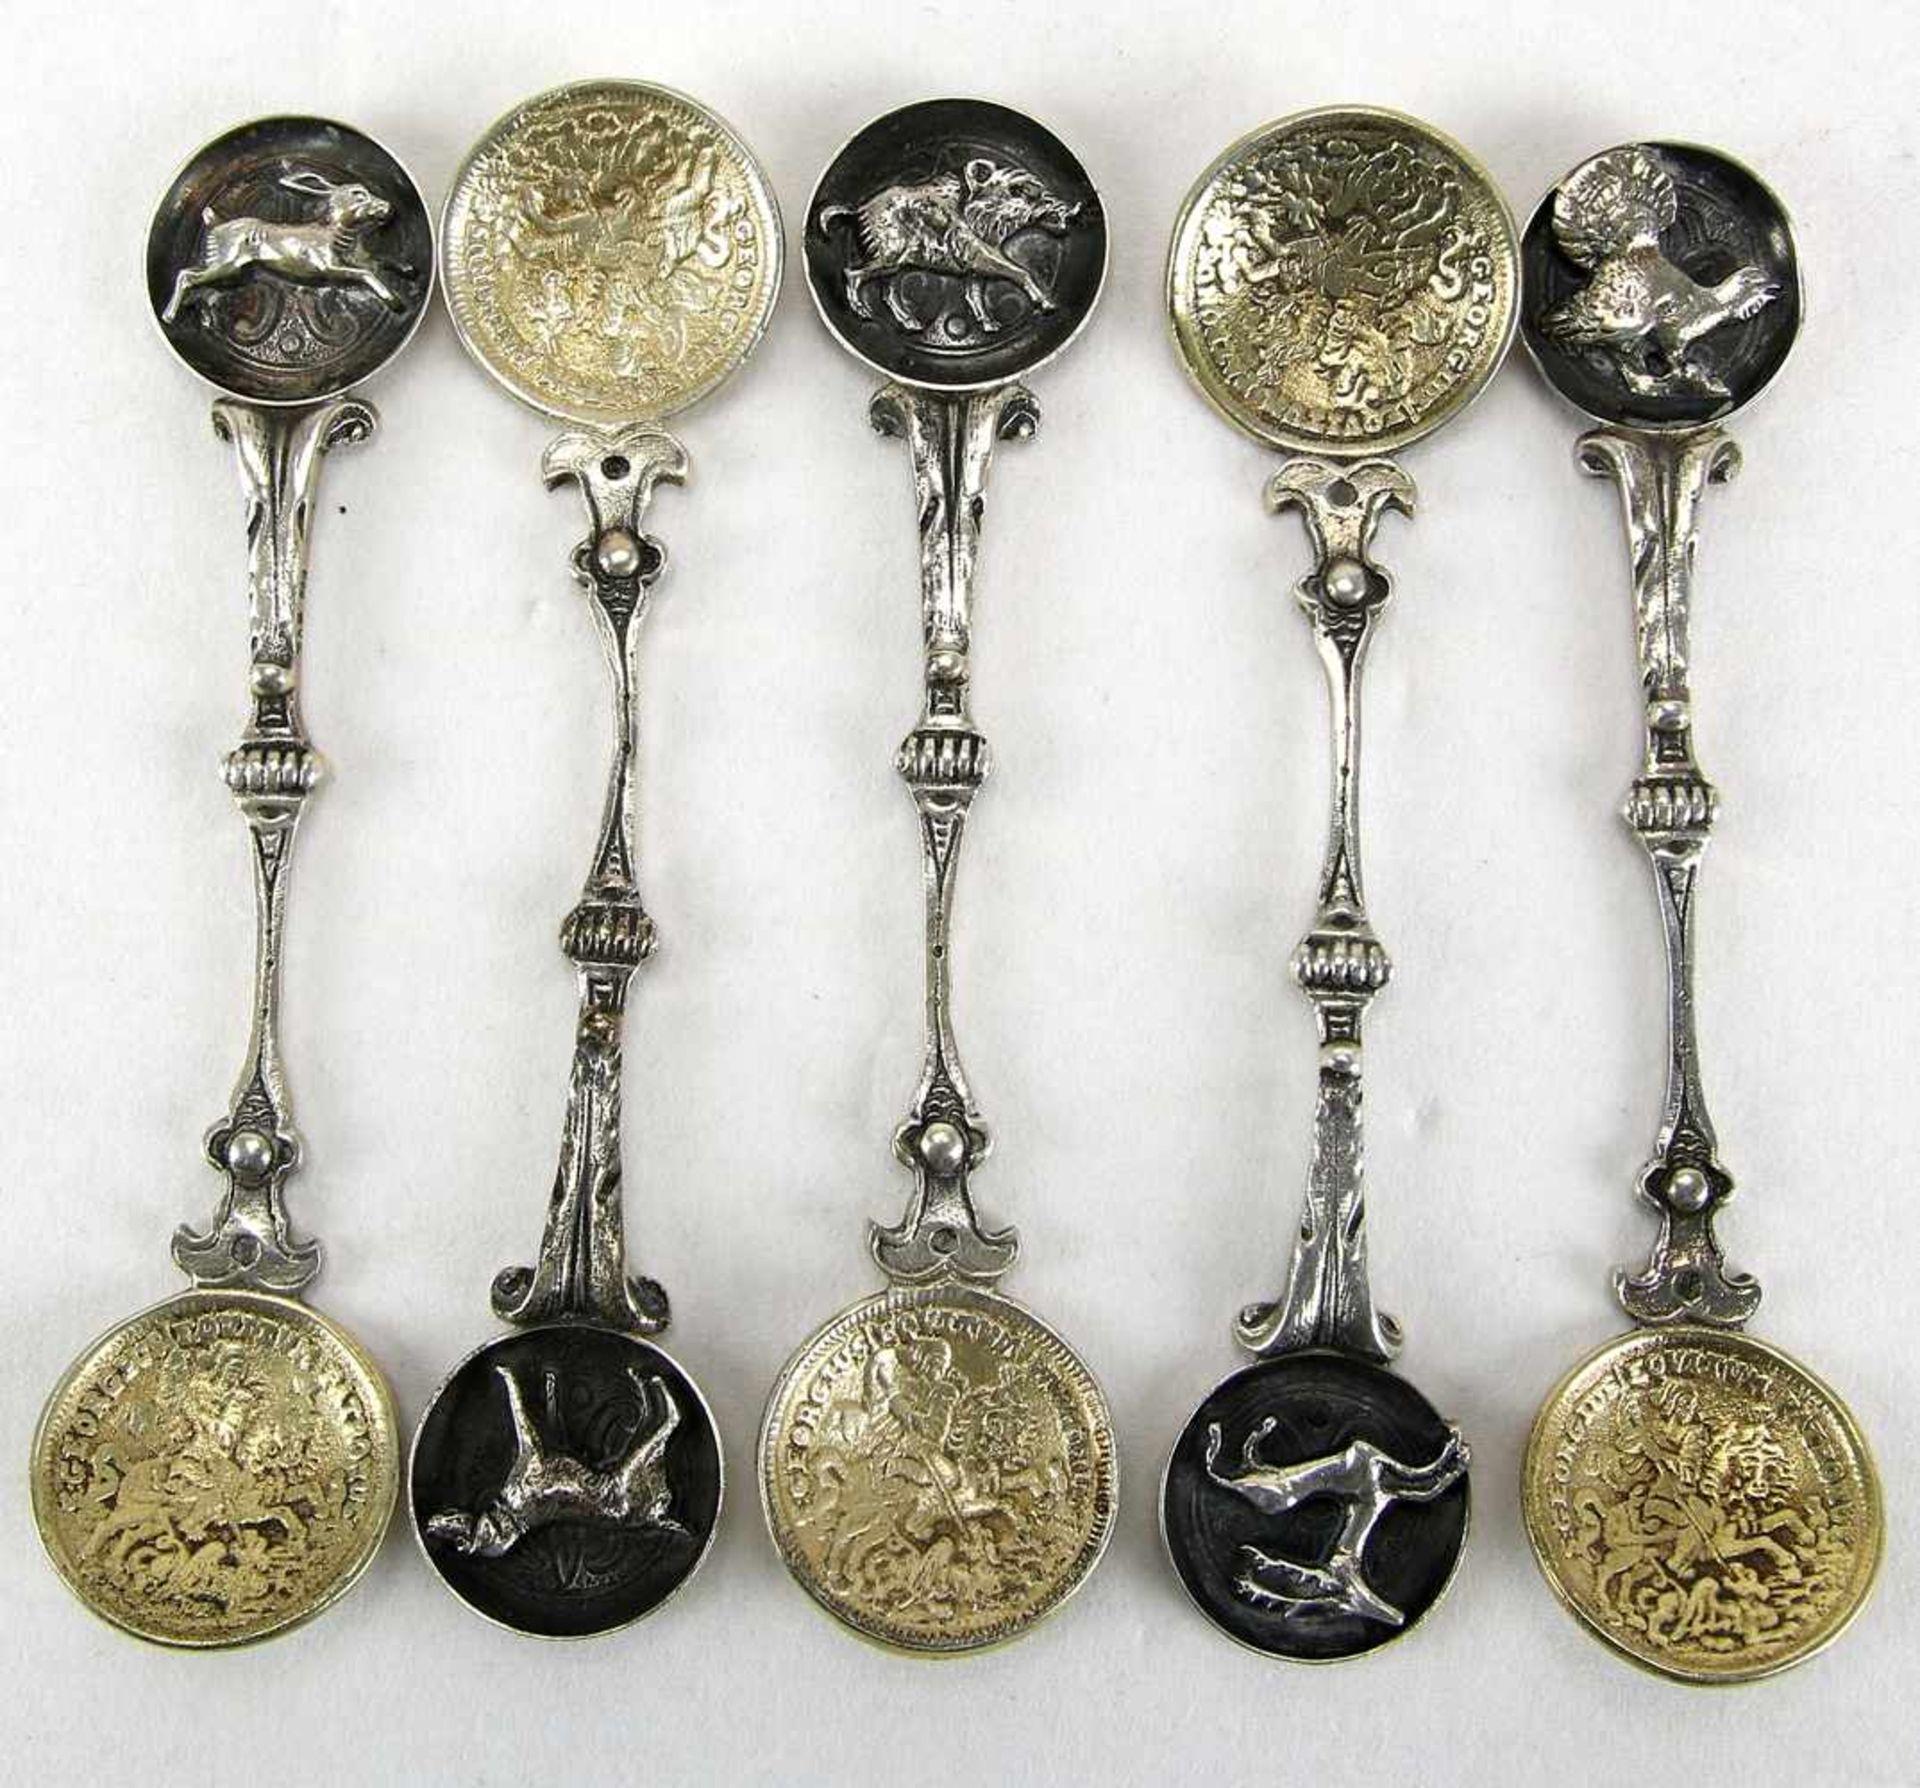 Fünf Münzlöffelum 1900. Jeweils mit Sternzeichen auf dem Griff. Seitlich mit Silber 925 und Bas.